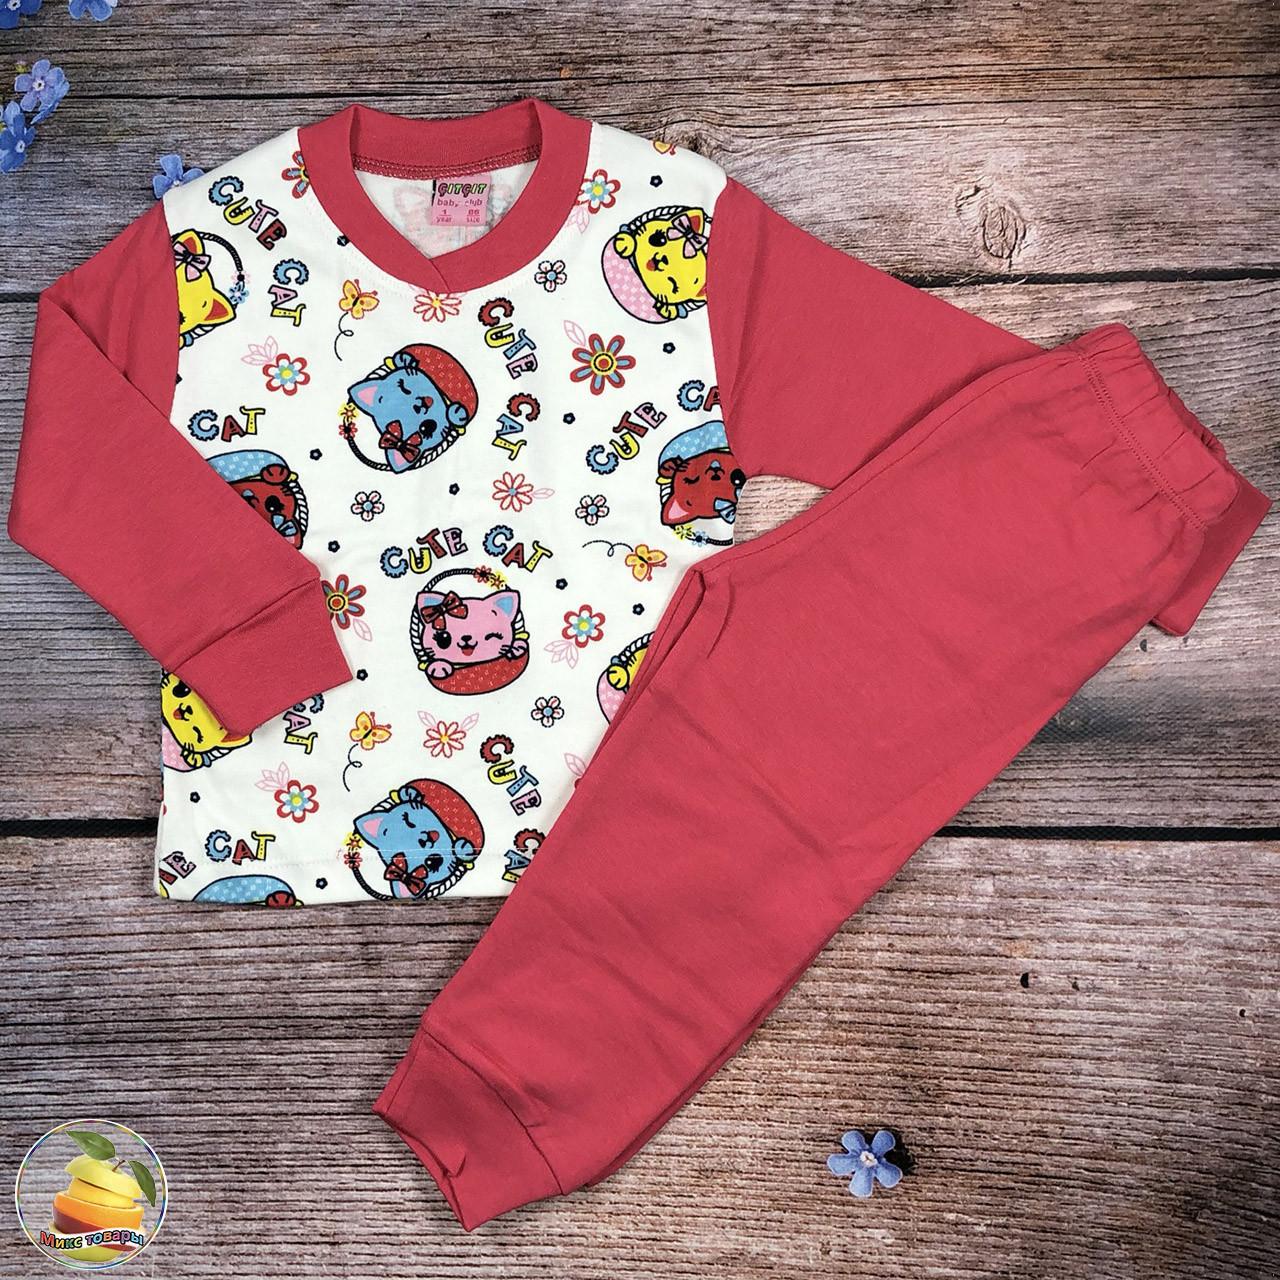 Дитяча піжаму для дівчинки Розміри: 1,2,3,4 року (21095)